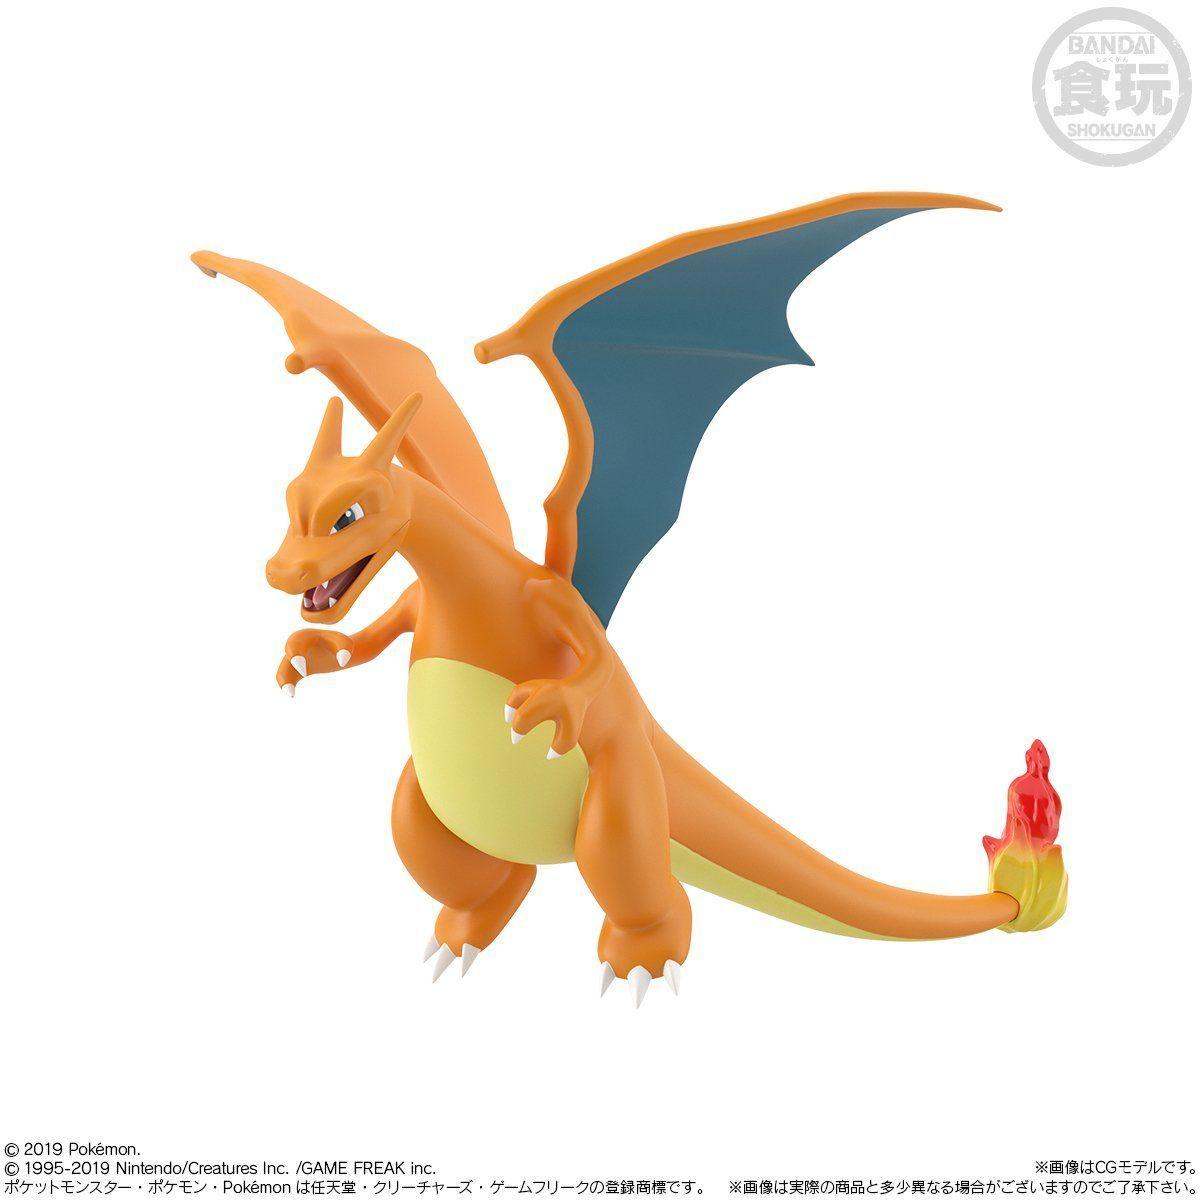 【食玩】ポケモンスケールワールド カントー『 オーキド博士セット』1/20 完成品フィギュア-003